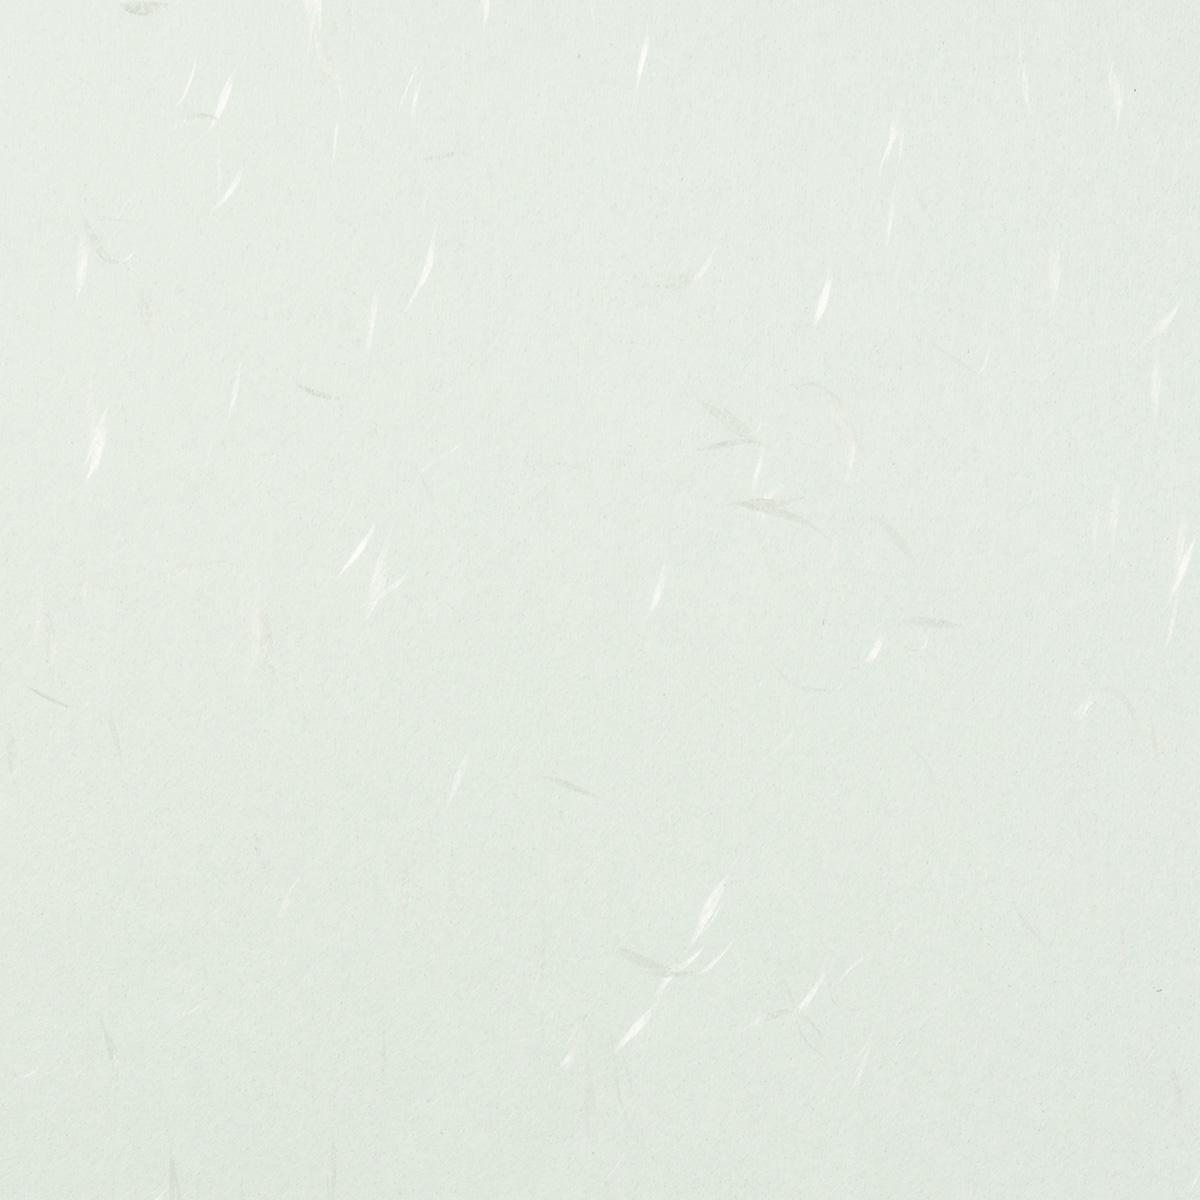 月華ニューカラー B4サイズ(50枚入) No.46 メタル